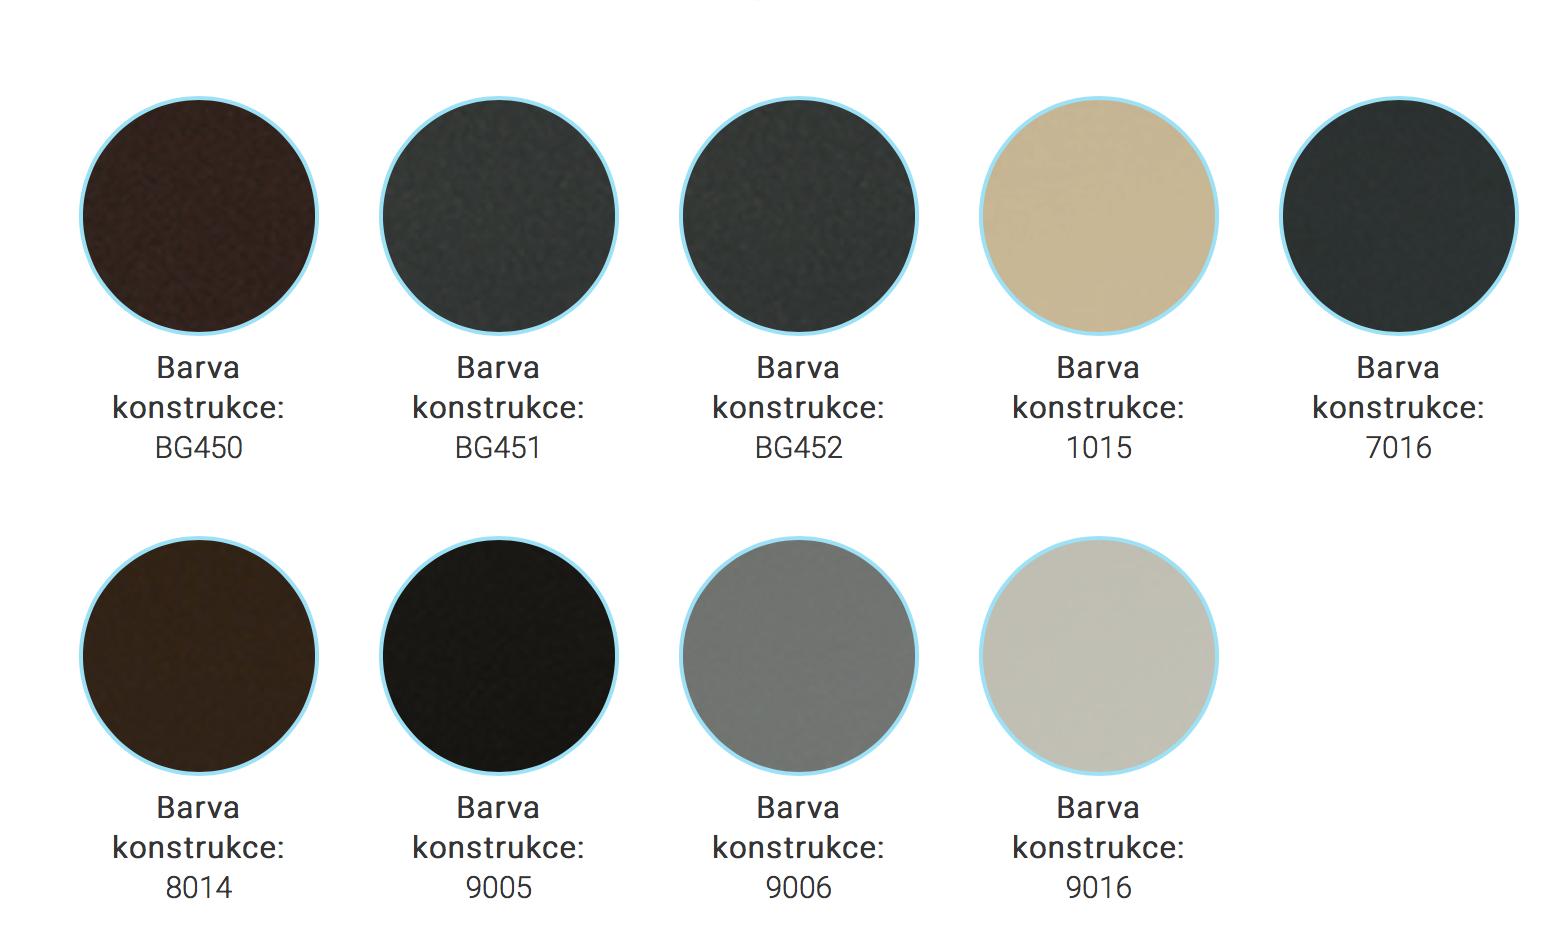 Barvy konstrukce Espacio